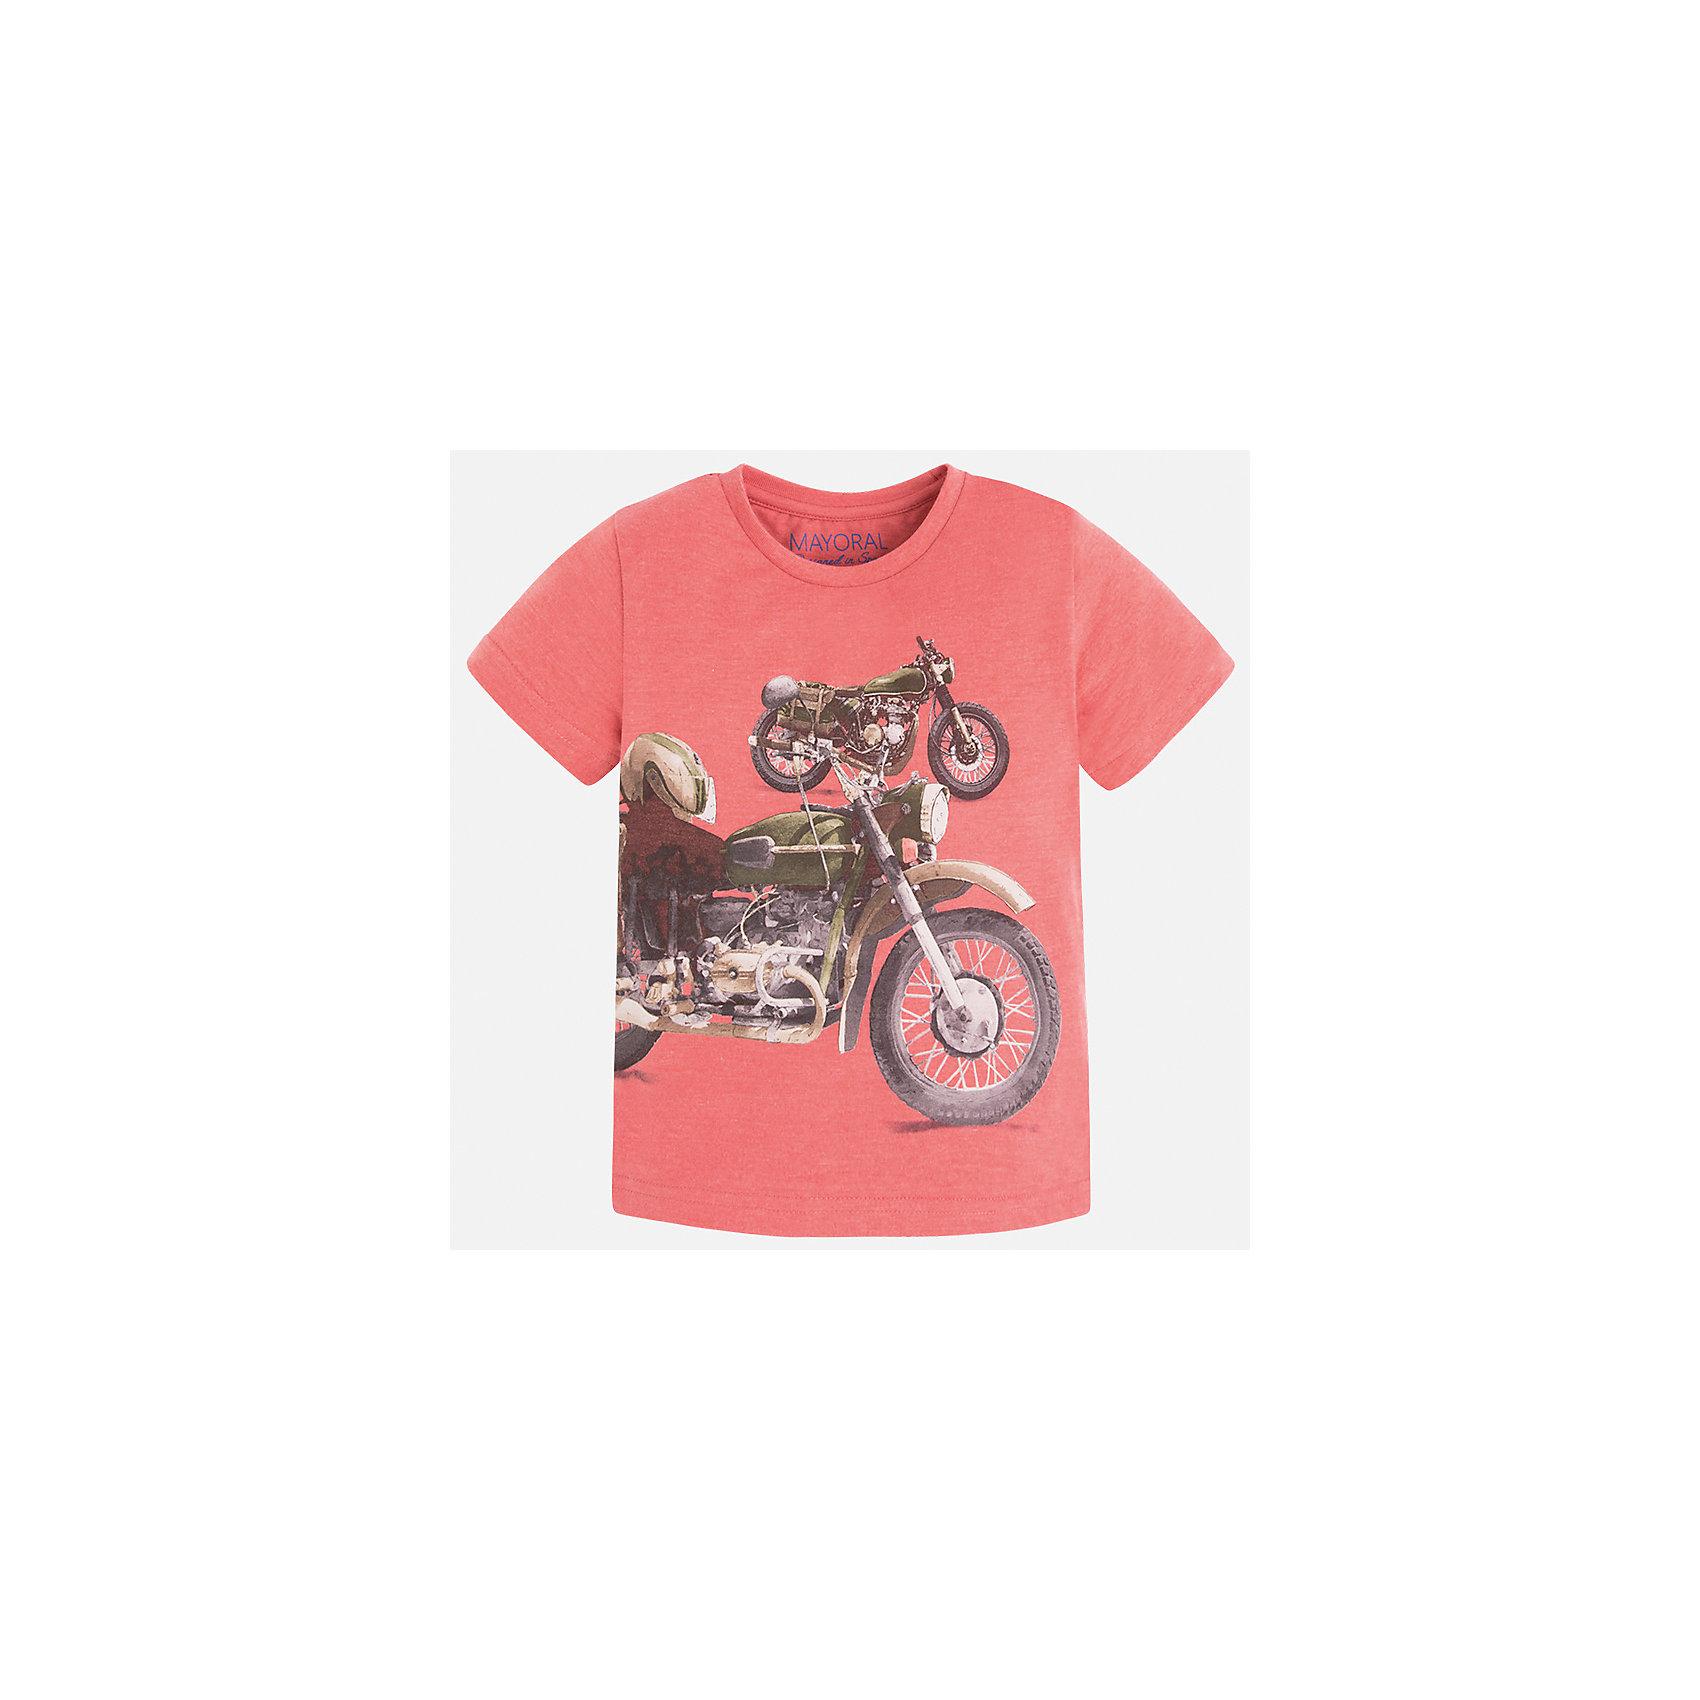 Футболка для мальчика MayoralХарактеристики товара:<br><br>• цвет: розовый<br>• состав: 60% хлопок, 40% полиэстер<br>• круглый горловой вырез<br>• декорирована принтом<br>• короткие рукава<br>• отделка горловины<br>• страна бренда: Испания<br><br>Стильная удобная футболка с принтом поможет разнообразить гардероб мальчика. Она отлично сочетается с брюками, шортами, джинсами. Универсальный крой и цвет позволяет подобрать к вещи низ разных расцветок. Практичное и стильное изделие! Хорошо смотрится и комфортно сидит на детях. В составе материала - натуральный хлопок, гипоаллергенный, приятный на ощупь, дышащий.<br> <br>Одежда, обувь и аксессуары от испанского бренда Mayoral полюбились детям и взрослым по всему миру. Модели этой марки - стильные и удобные. Для их производства используются только безопасные, качественные материалы и фурнитура. Порадуйте ребенка модными и красивыми вещами от Mayoral! <br><br>Футболку для мальчика от испанского бренда Mayoral (Майорал) можно купить в нашем интернет-магазине.<br><br>Ширина мм: 199<br>Глубина мм: 10<br>Высота мм: 161<br>Вес г: 151<br>Цвет: розовый<br>Возраст от месяцев: 18<br>Возраст до месяцев: 24<br>Пол: Мужской<br>Возраст: Детский<br>Размер: 92,122,134,116,110,104,98,128<br>SKU: 5280065